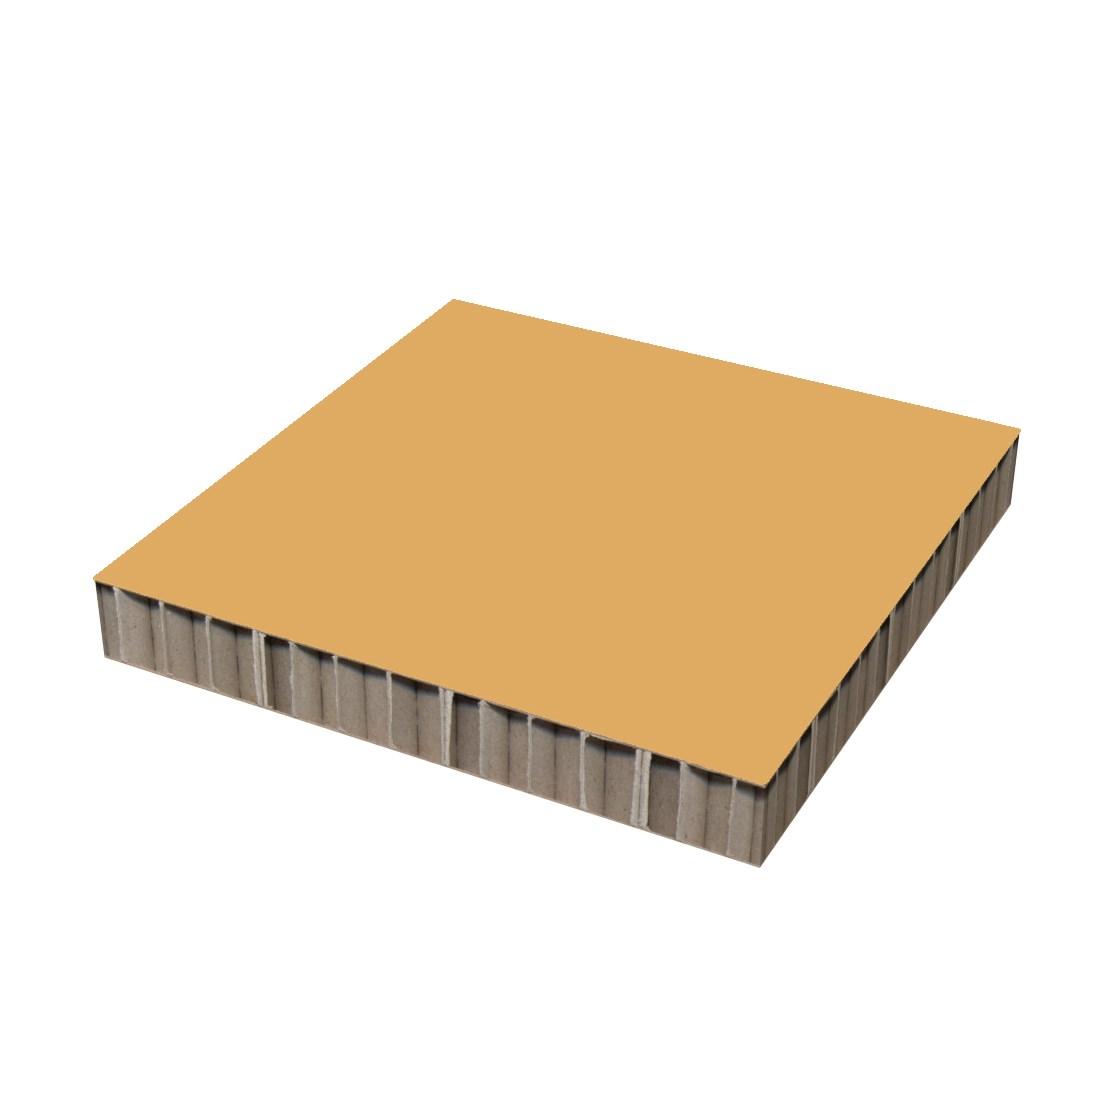 Beelite 2D Karton Bruin 10st/doos 3000x1600x10mm